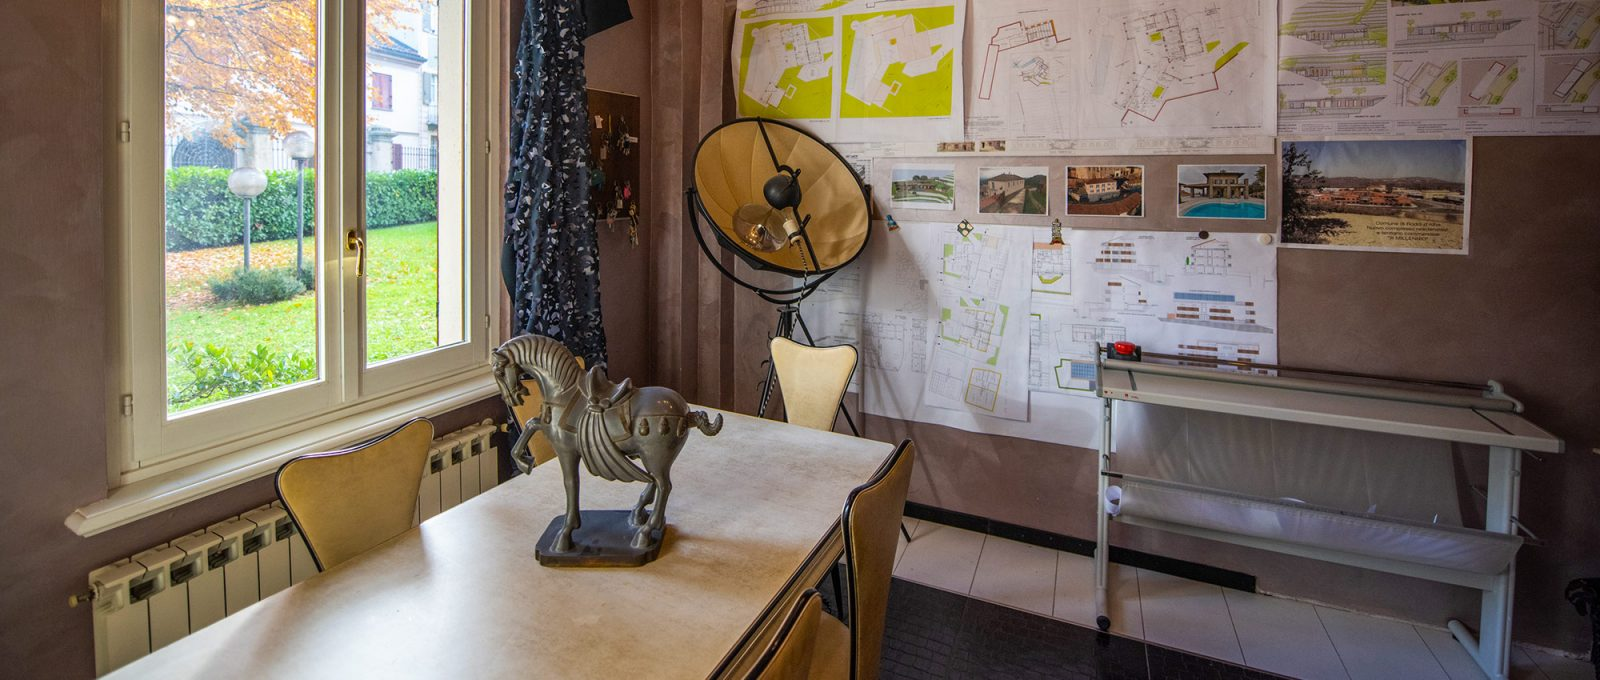 Studio Anna Cane | Tutte le competenze | Alba